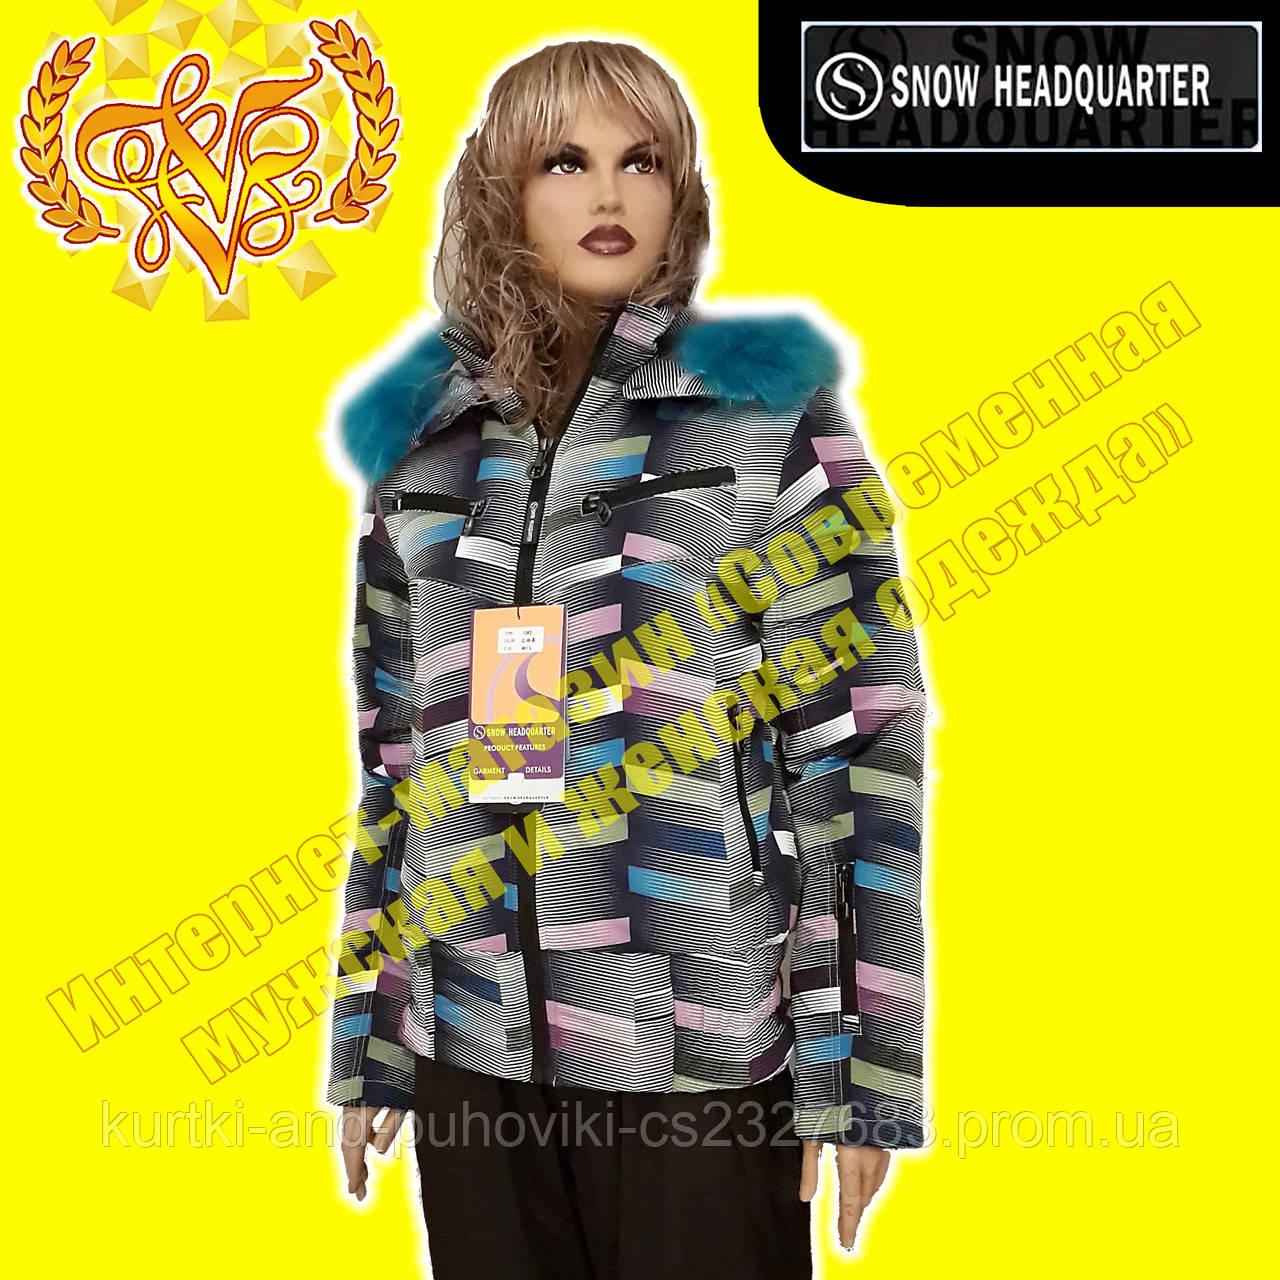 Женский горнолыжный костюм SNOW HEADQUARTER - Интернет-магазин «Современная мужская и женская одежда» в Черновцах